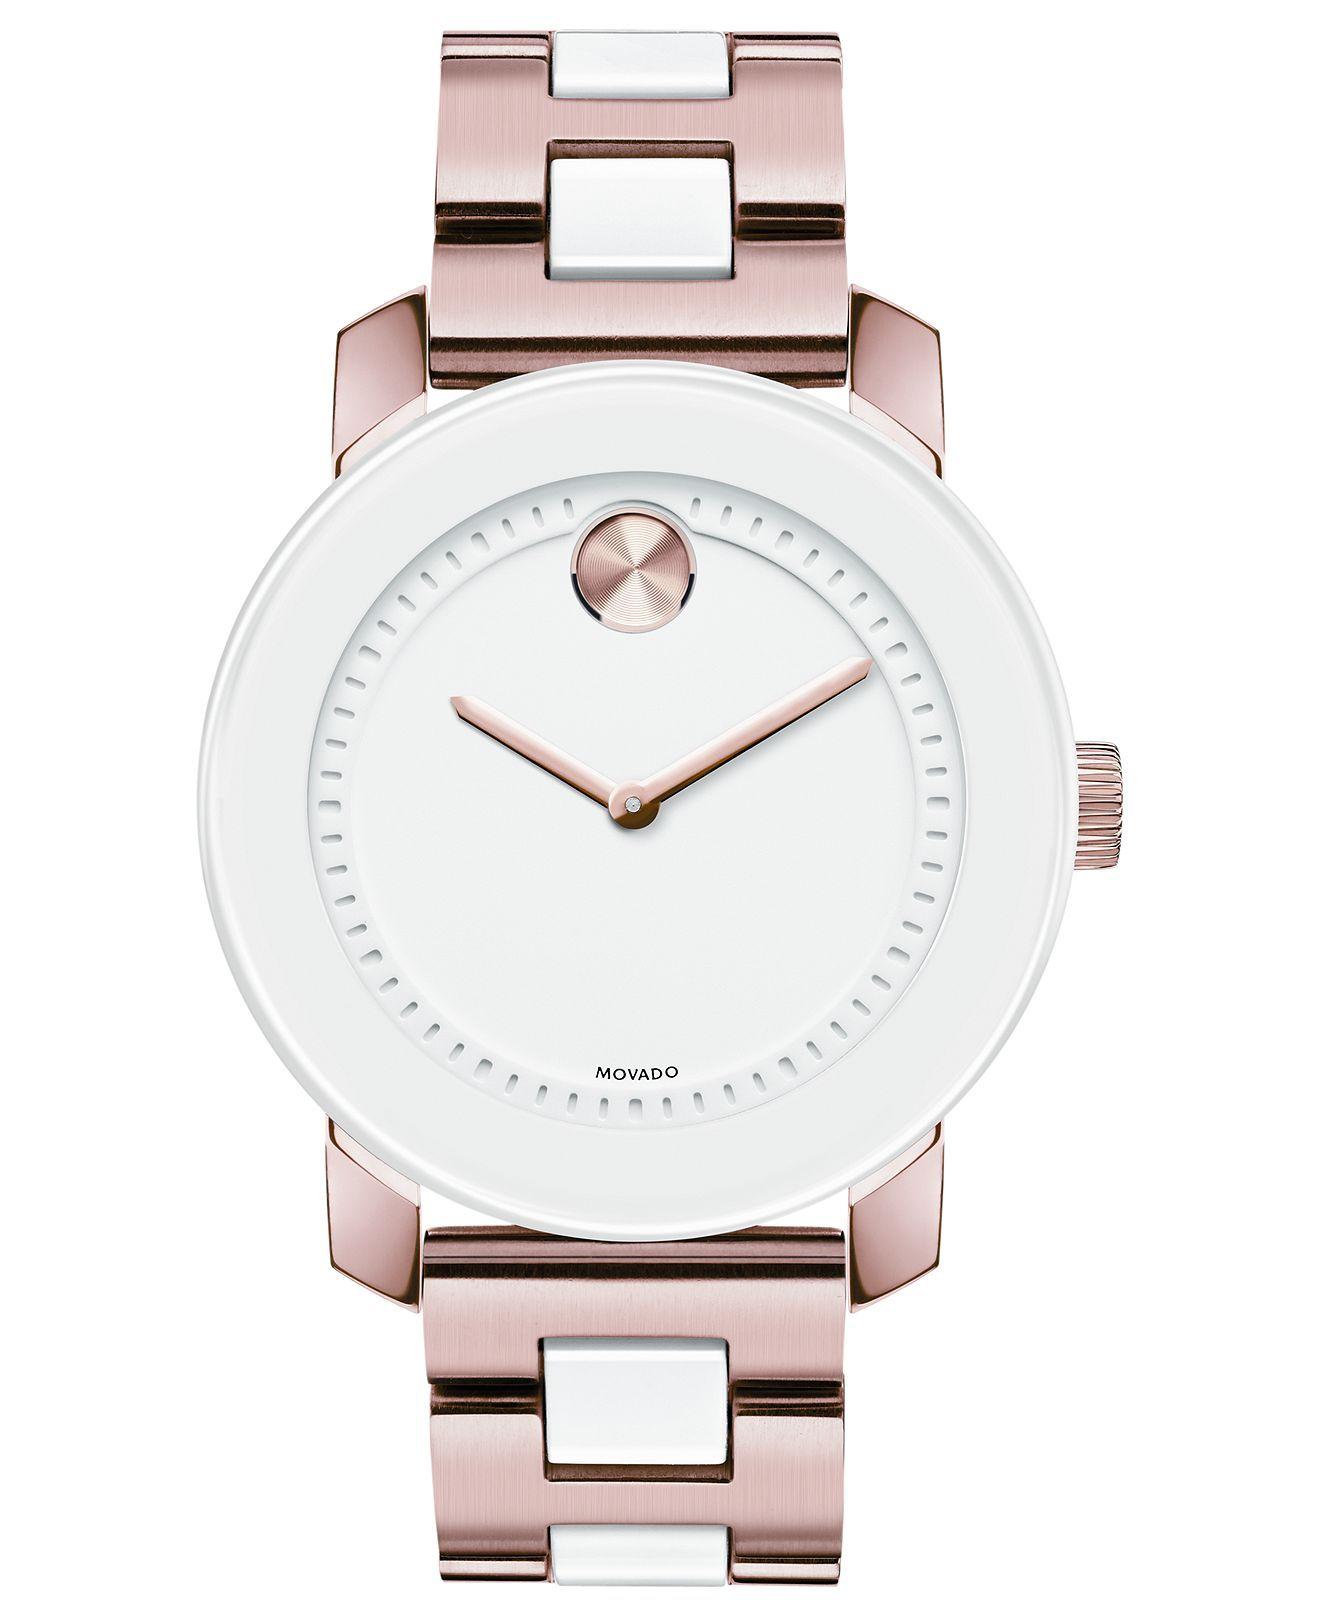 240b973f651 Movado Watch